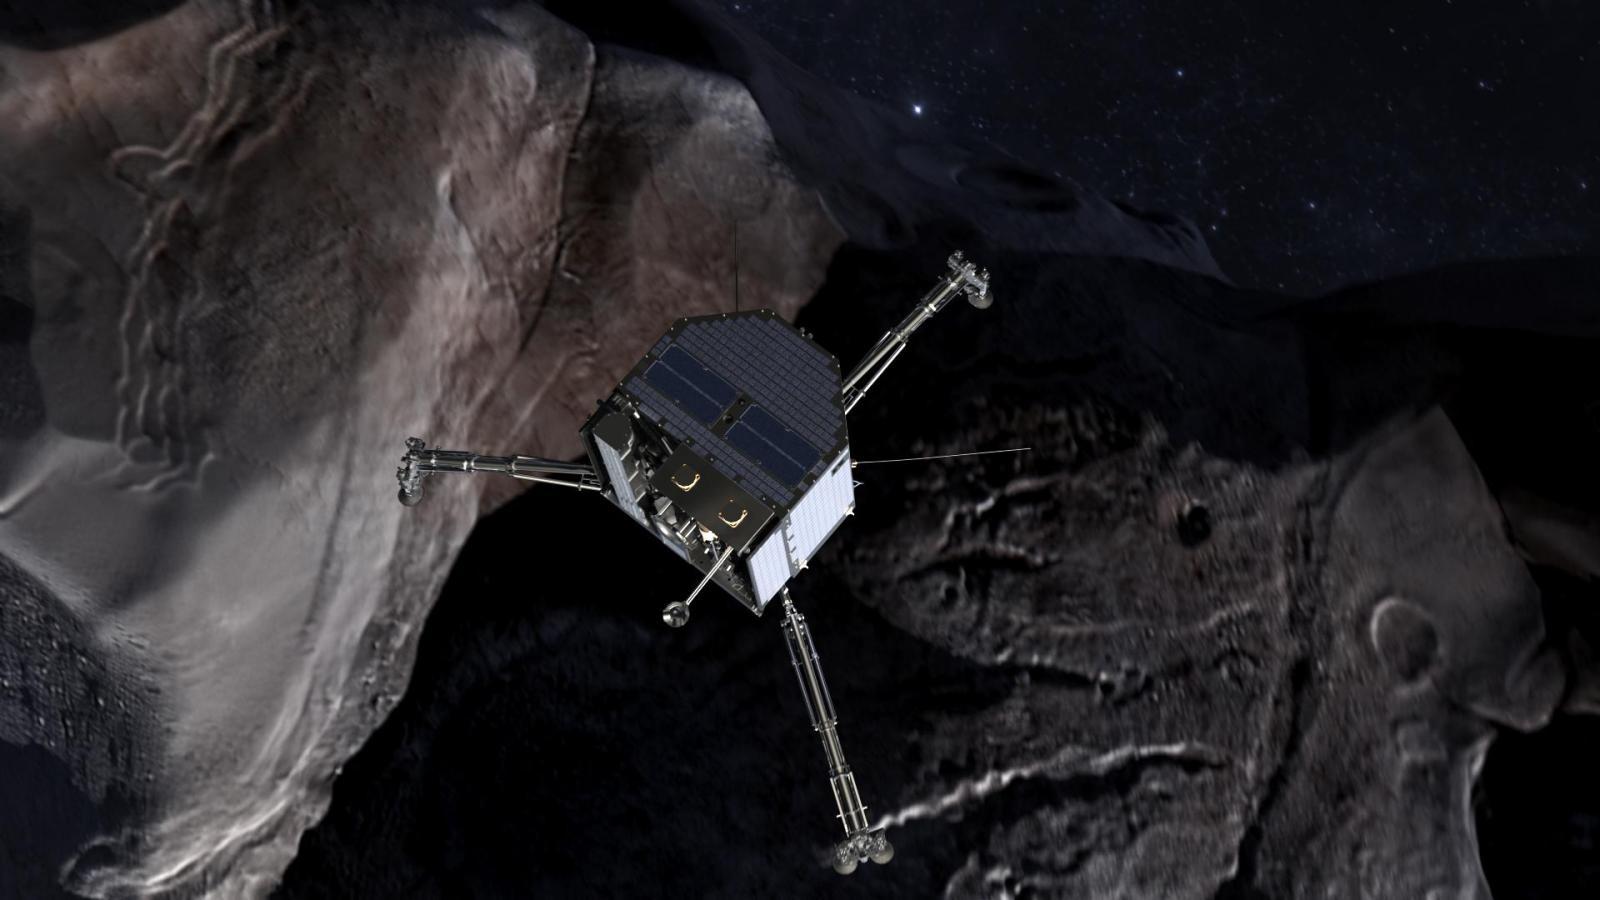 Philae lander - a part of the Rosetta spacecraft